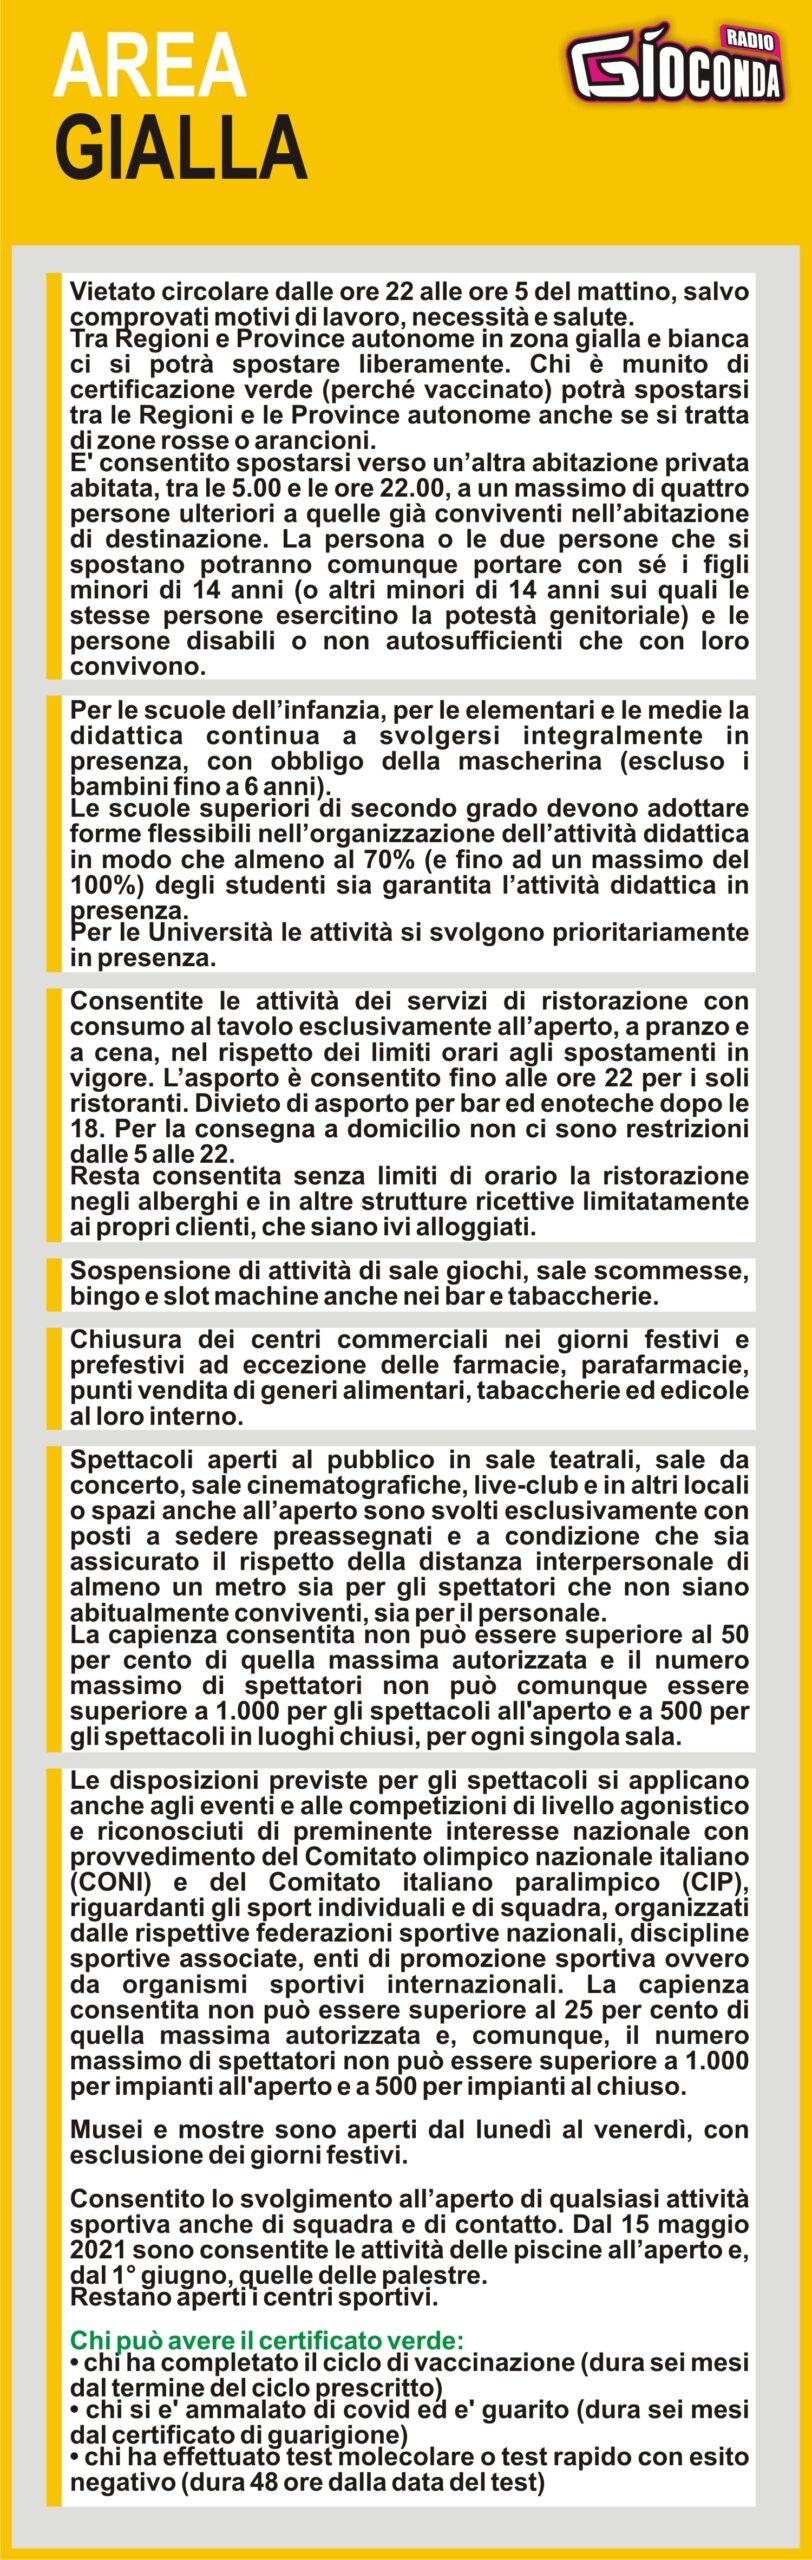 Il Friuli Venezia Giulia dal 26 aprile è in AREA GIALLA #covid19 #covid #regionefriuliveneziagiulia